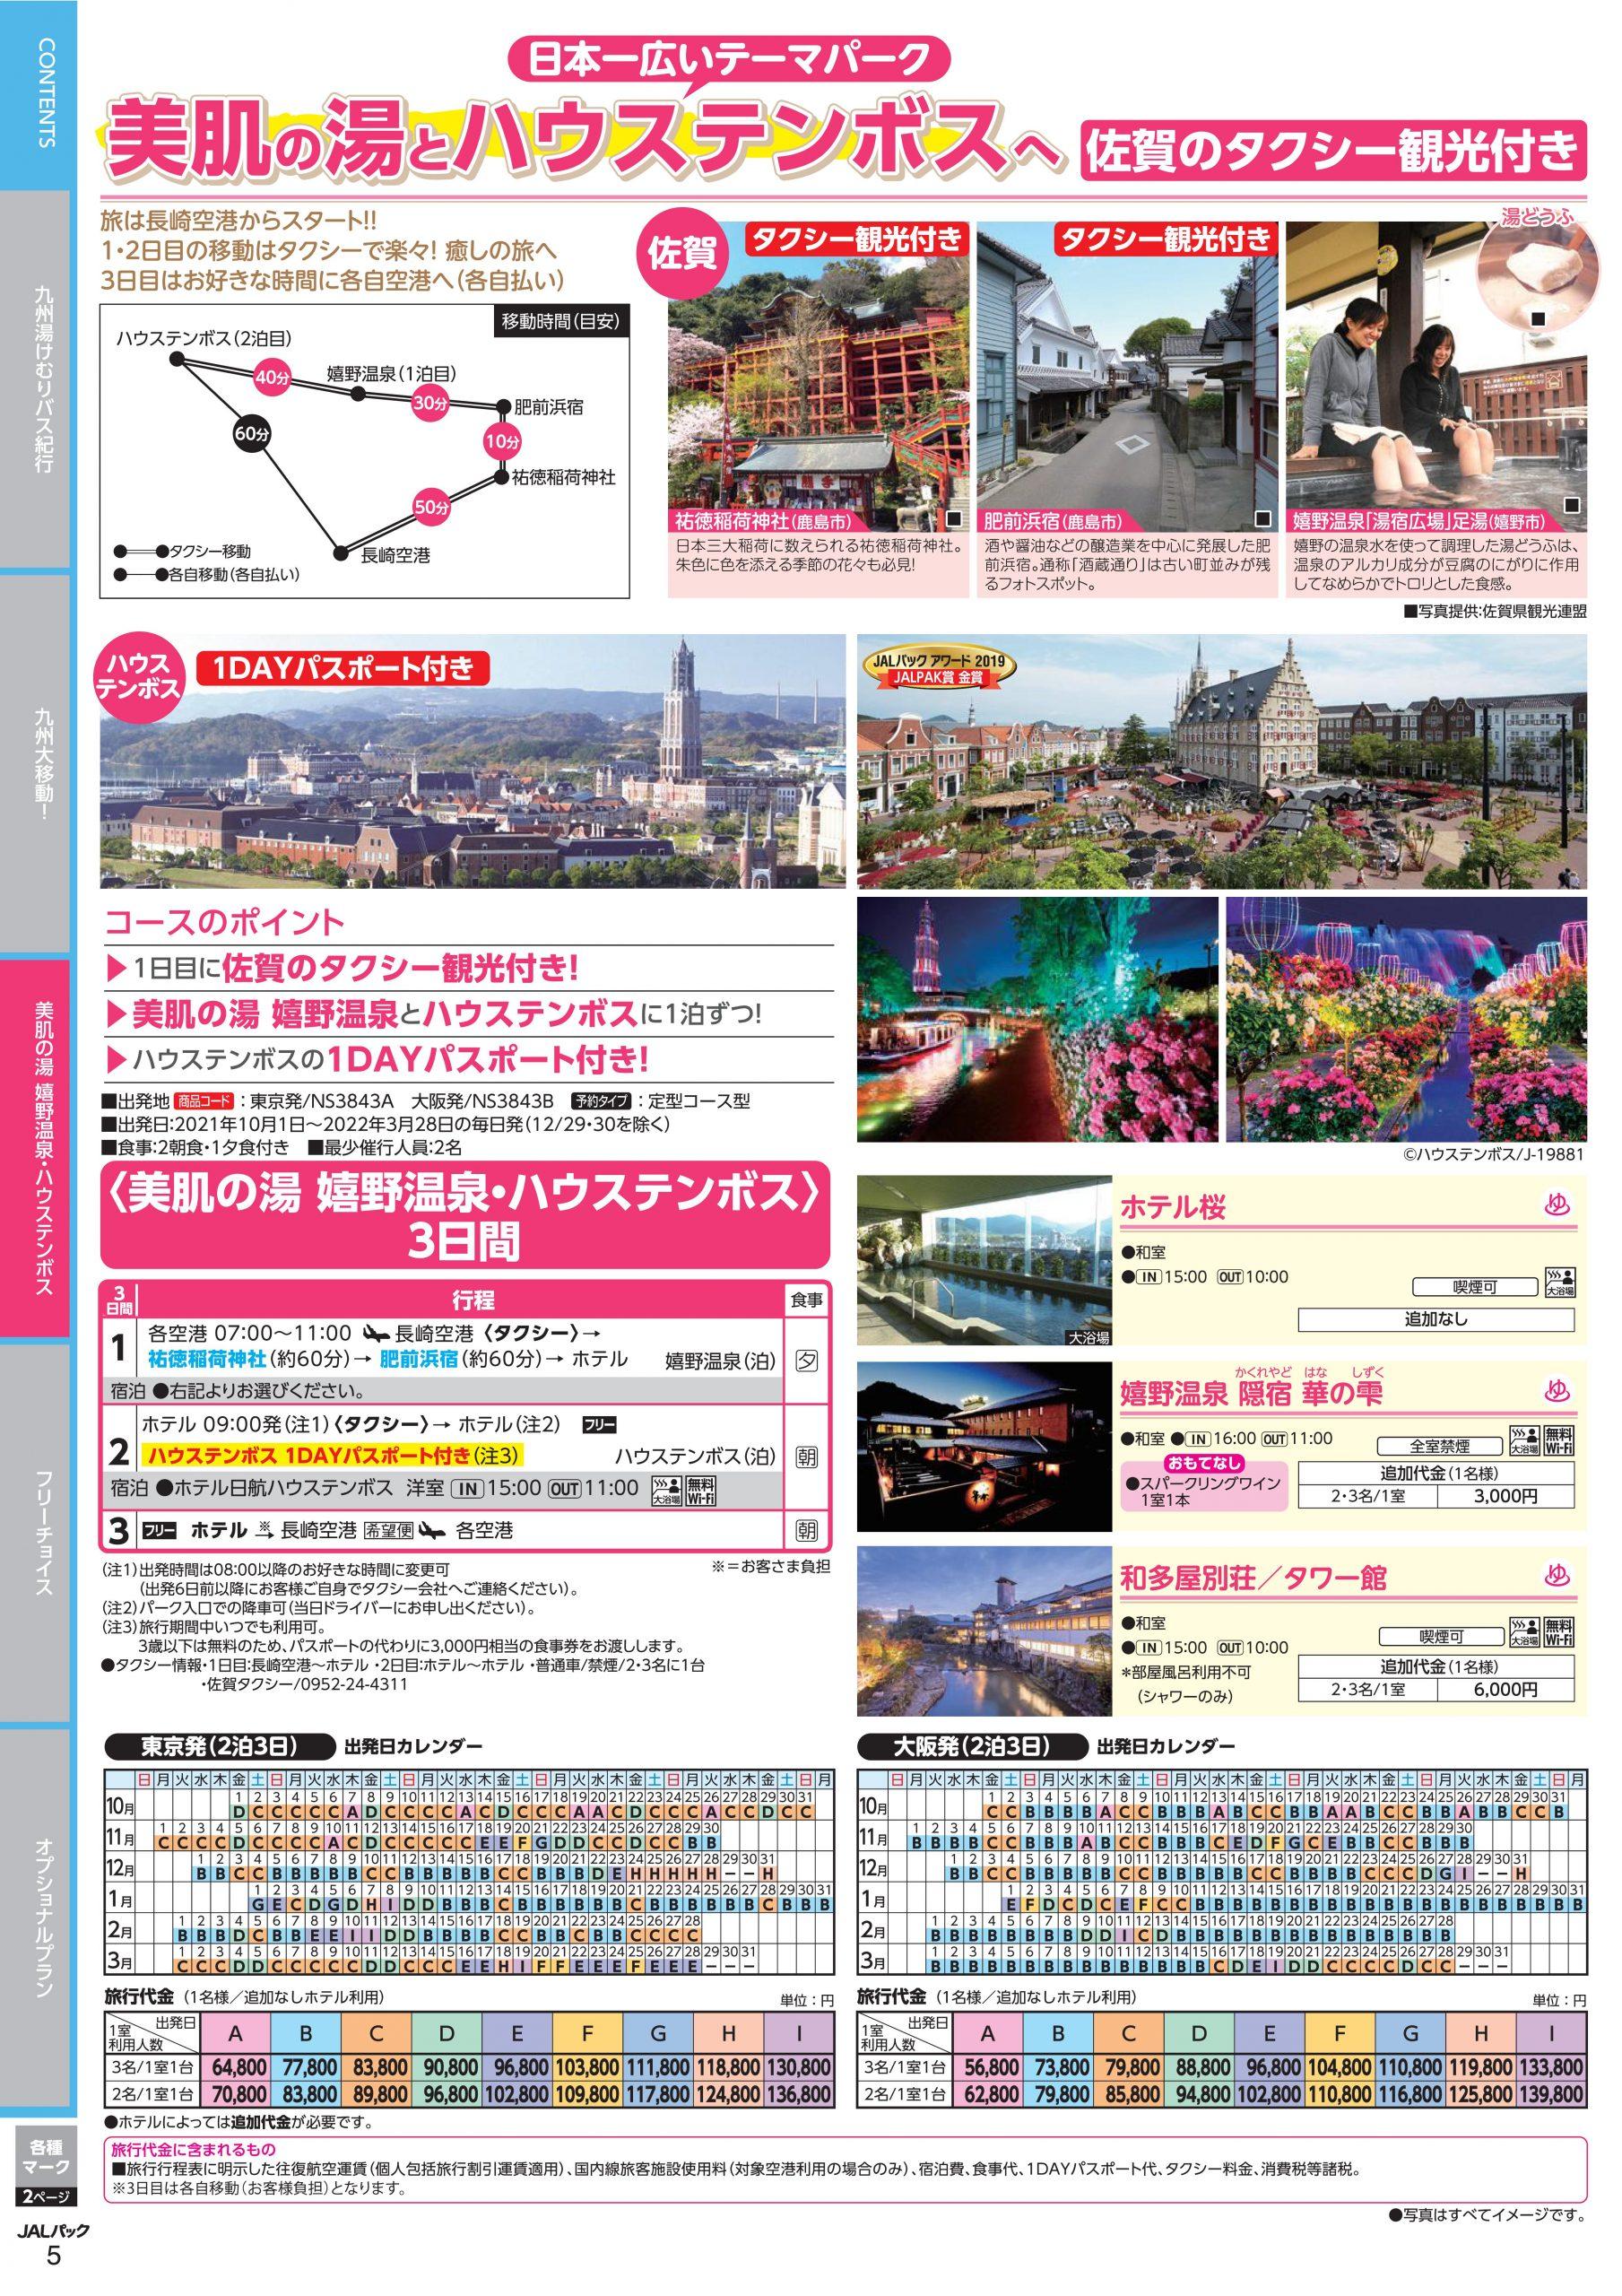 10月からのお勧めツアー①(美肌の湯嬉野温泉とハウステンボス2泊3日)